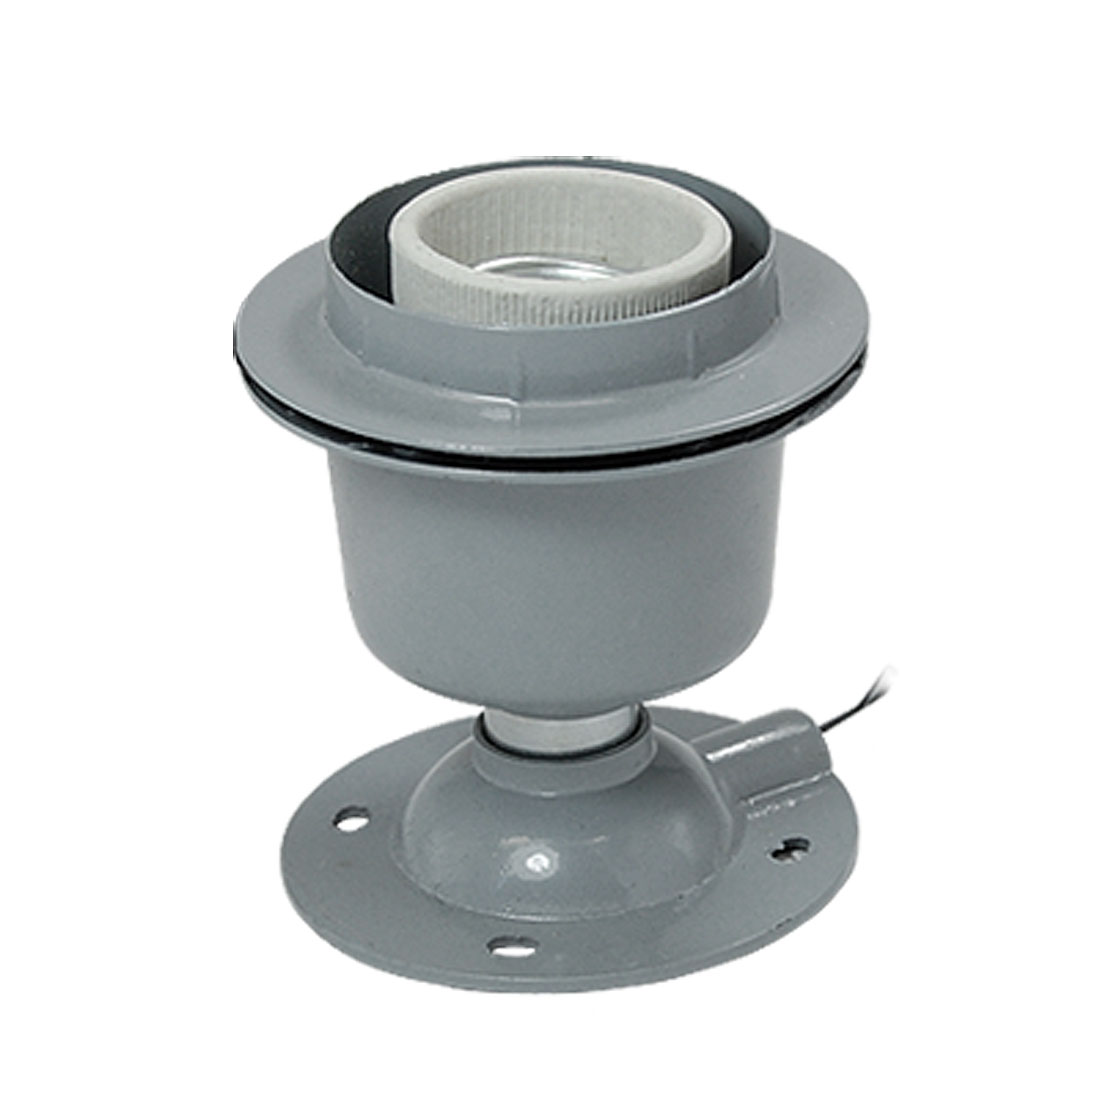 E27 Round Metal Light Bulb Lamp Socket Holder